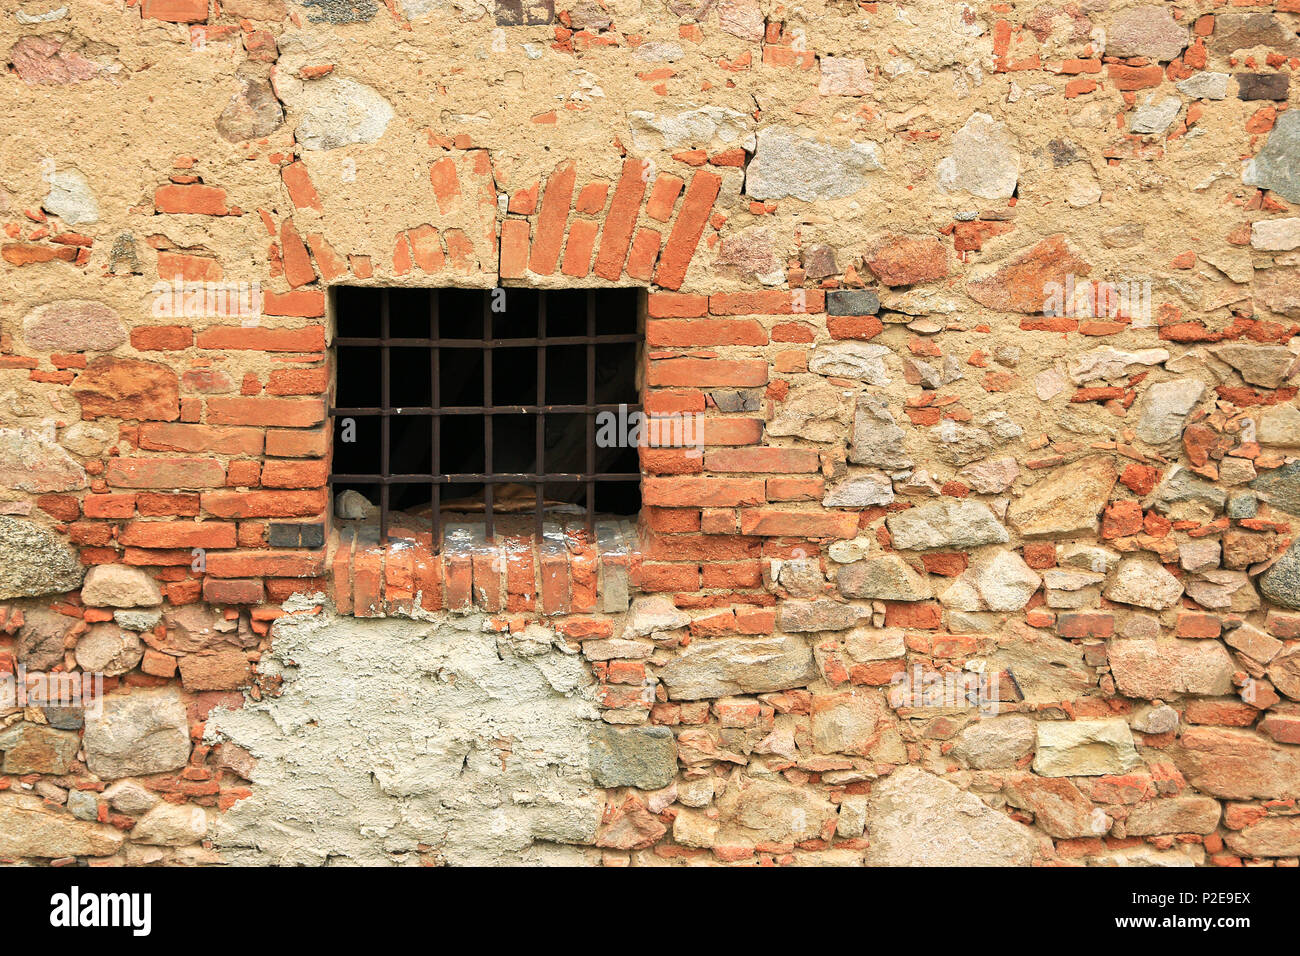 Rusty Window Stockfotos & Rusty Window Bilder - Alamy